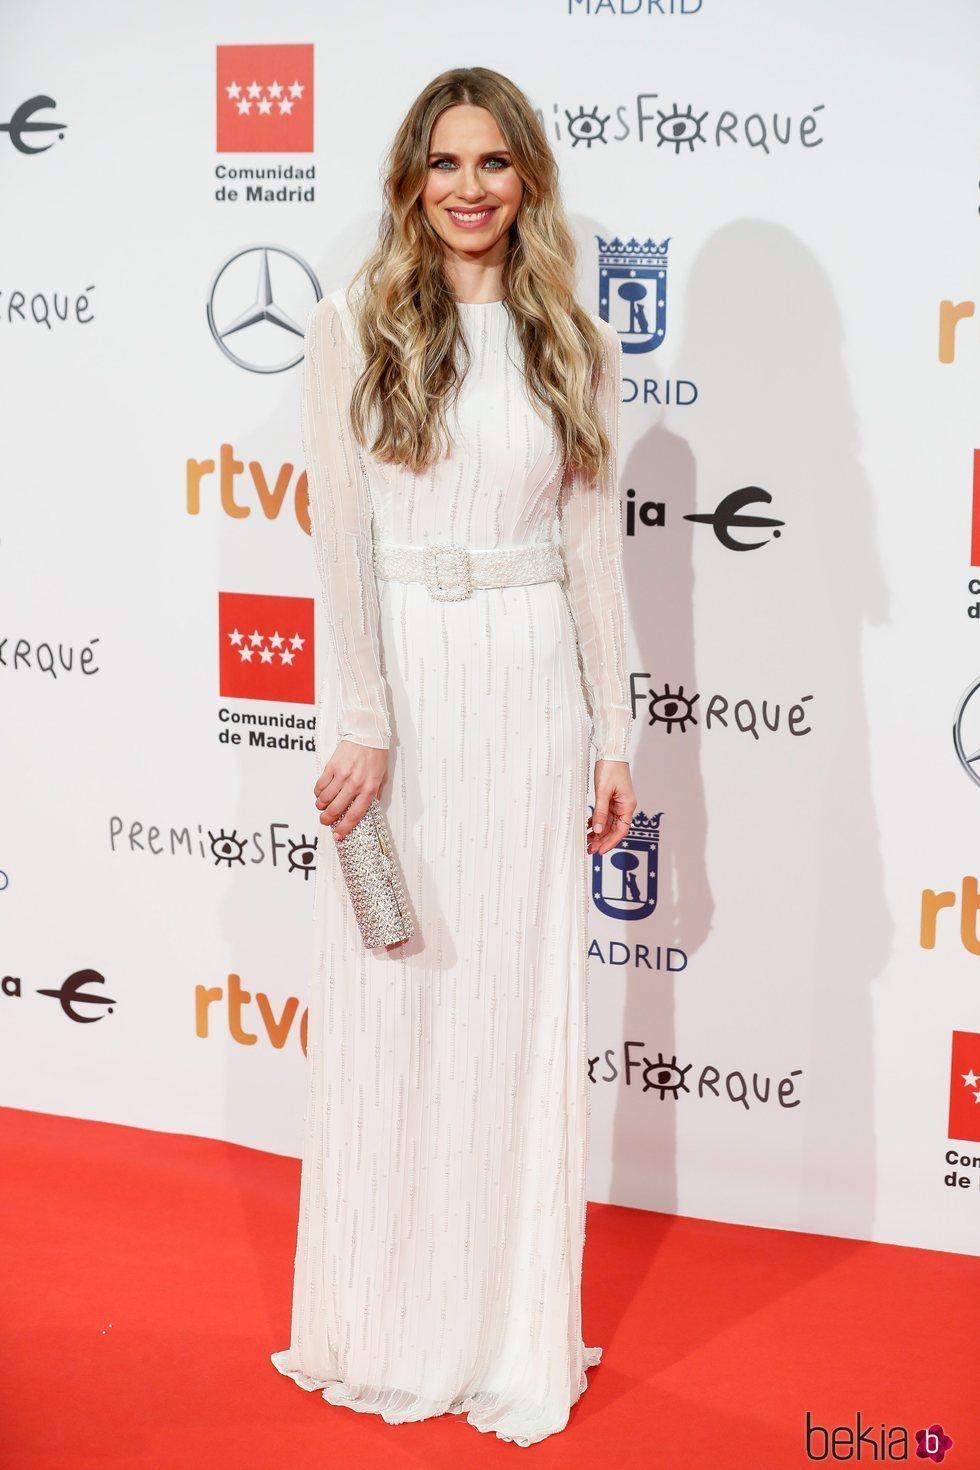 Vanesa Romero en la alfombra roja de los Premios Forqué 2020